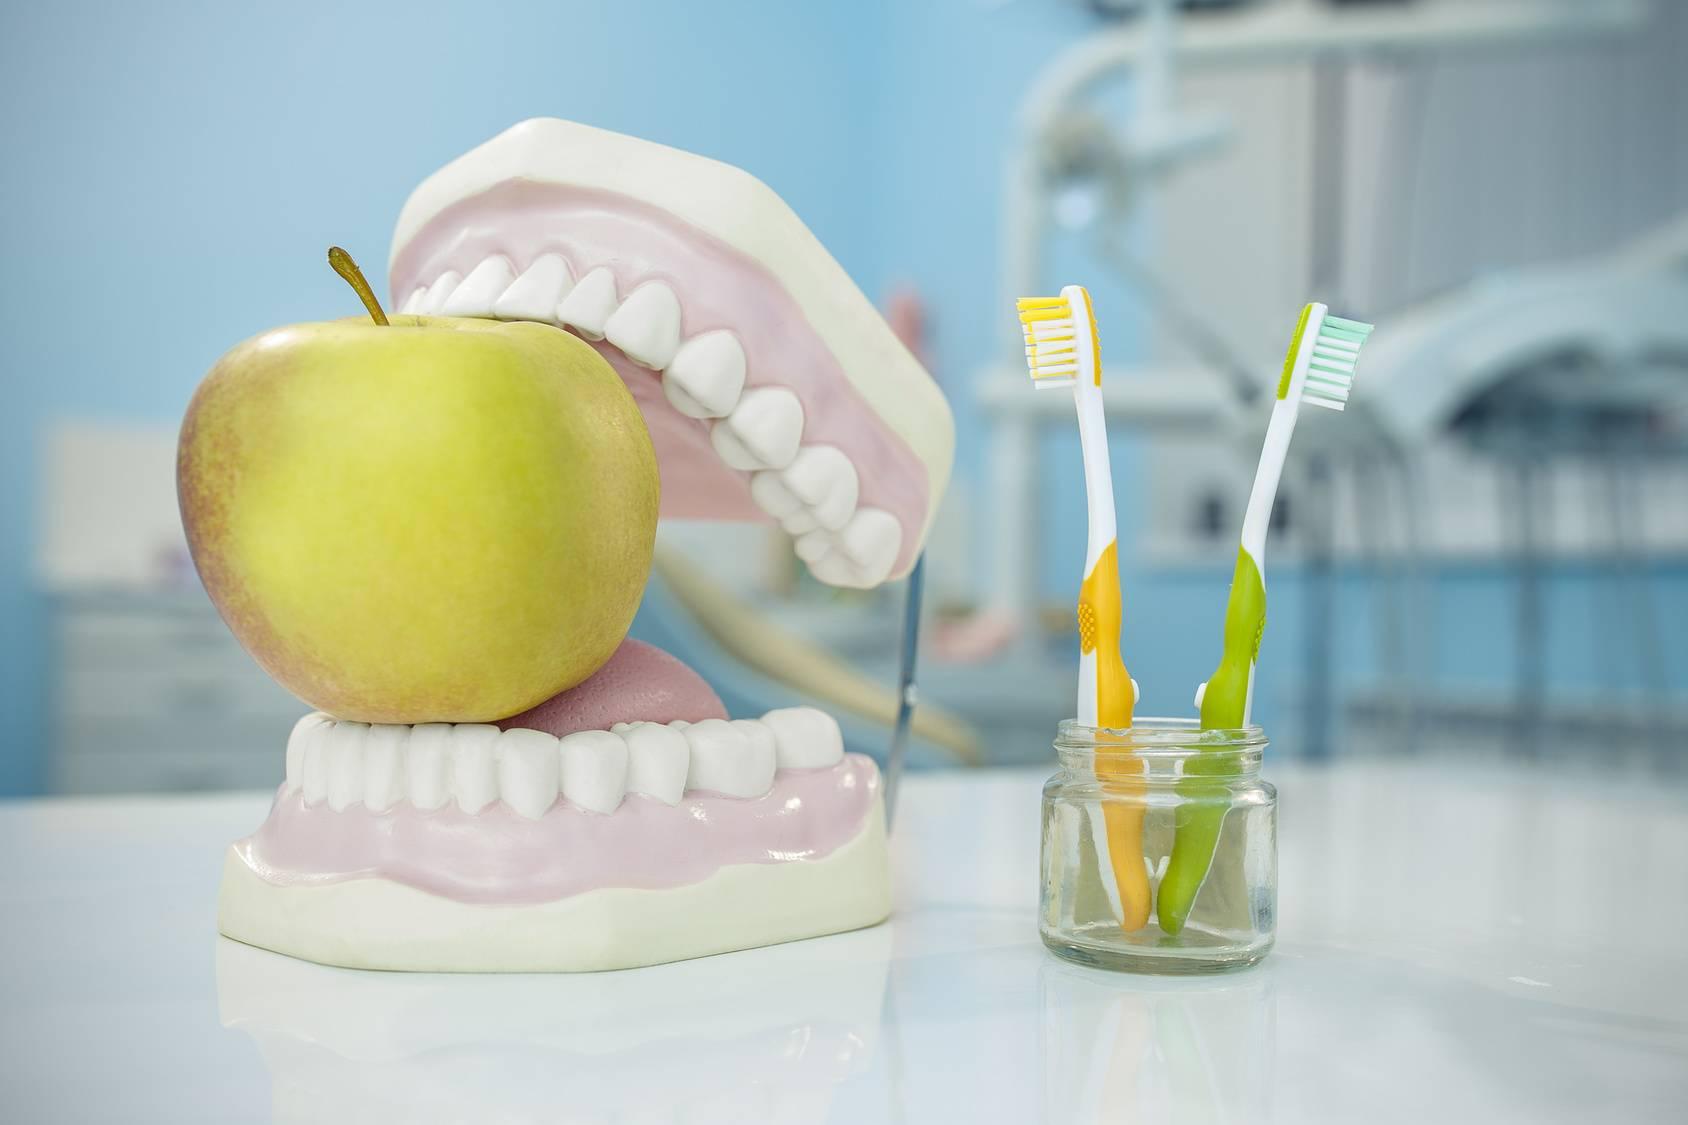 Как правильно ухаживать за съемными зубными протезами в домашних условиях, нужно ли снимать их на ночь?